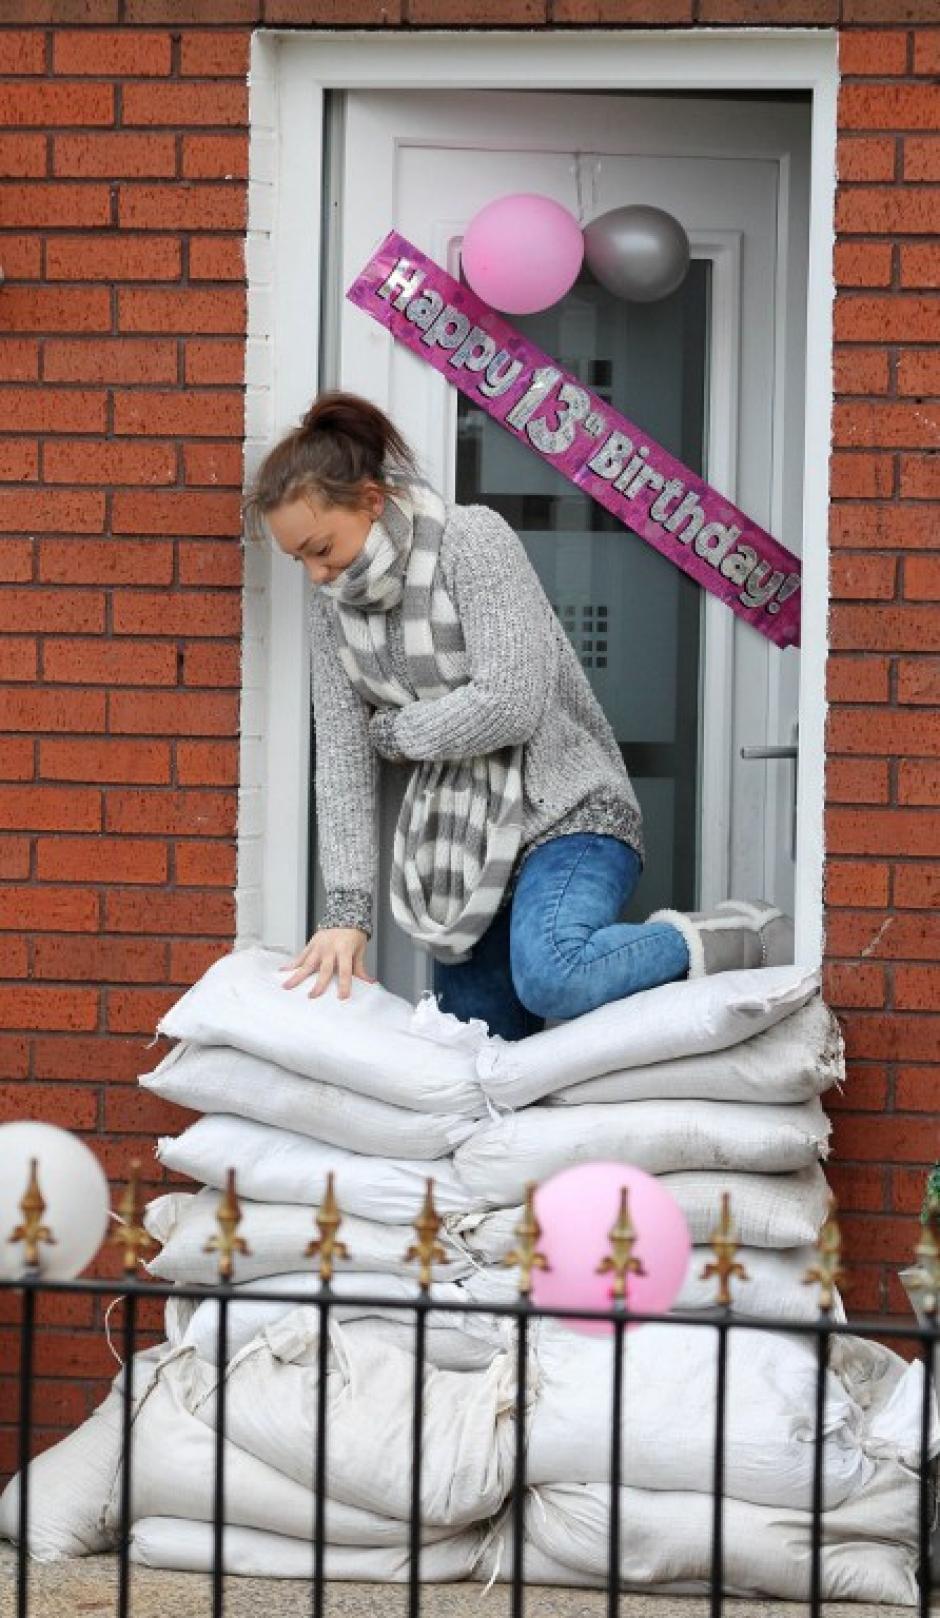 Una mujer trepa sobre sacos de arena apilados en frente de la puerta de su casa. Todos los residentes en esa ciudad se preparan para las inundaciones anunciadas al este de Belfast, Irlanda del Norte. AFP PHOTO / PETER MUHLY